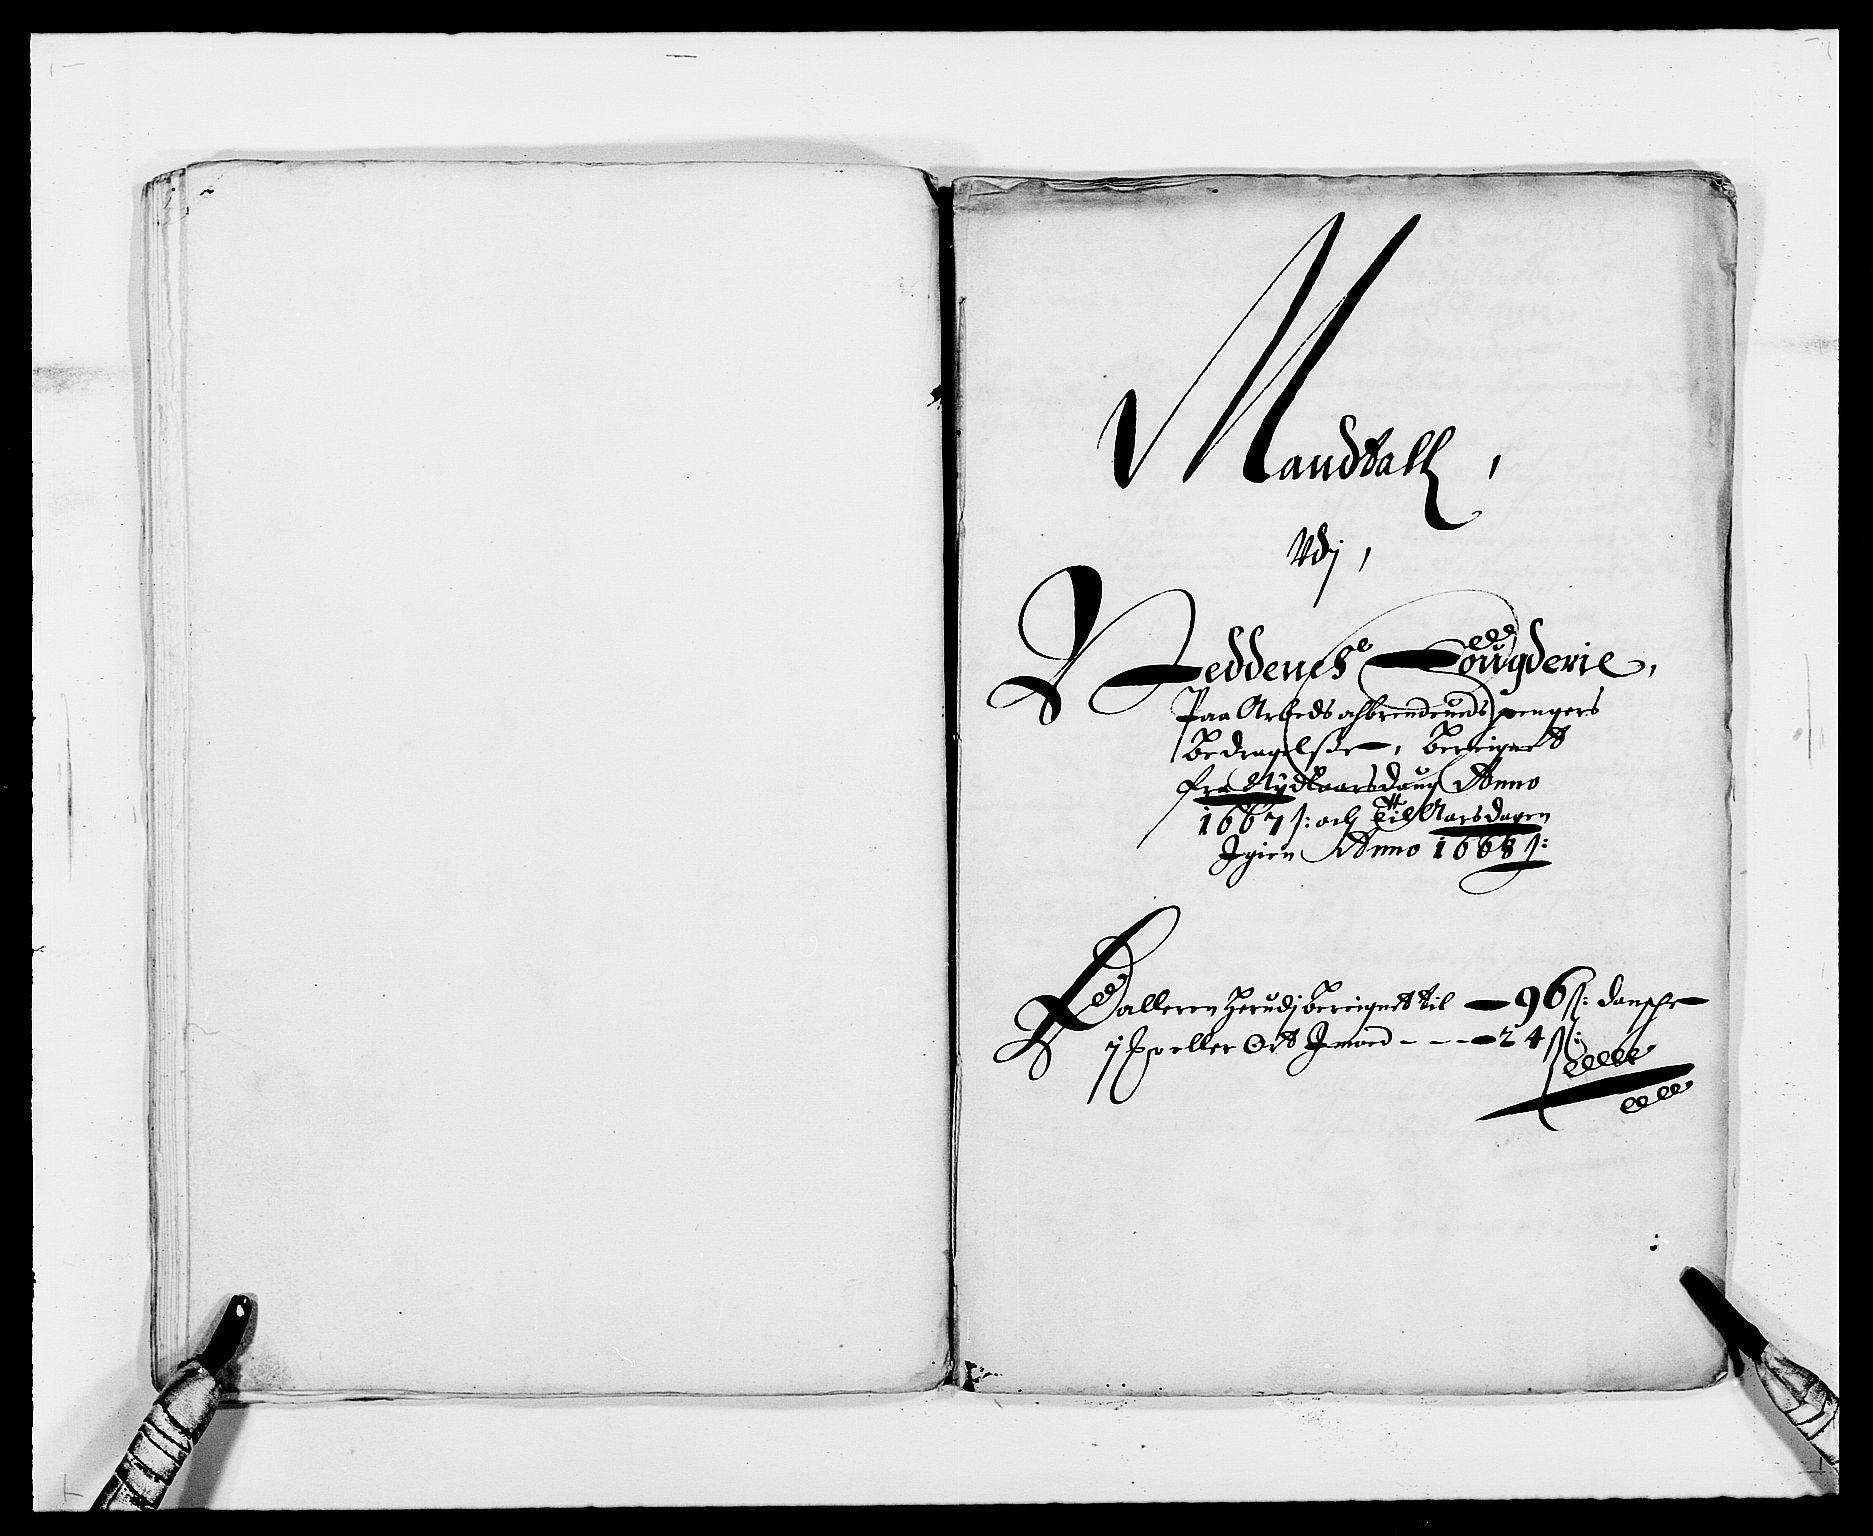 RA, Rentekammeret inntil 1814, Reviderte regnskaper, Fogderegnskap, R39/L2298: Fogderegnskap Nedenes, 1667-1669, s. 2